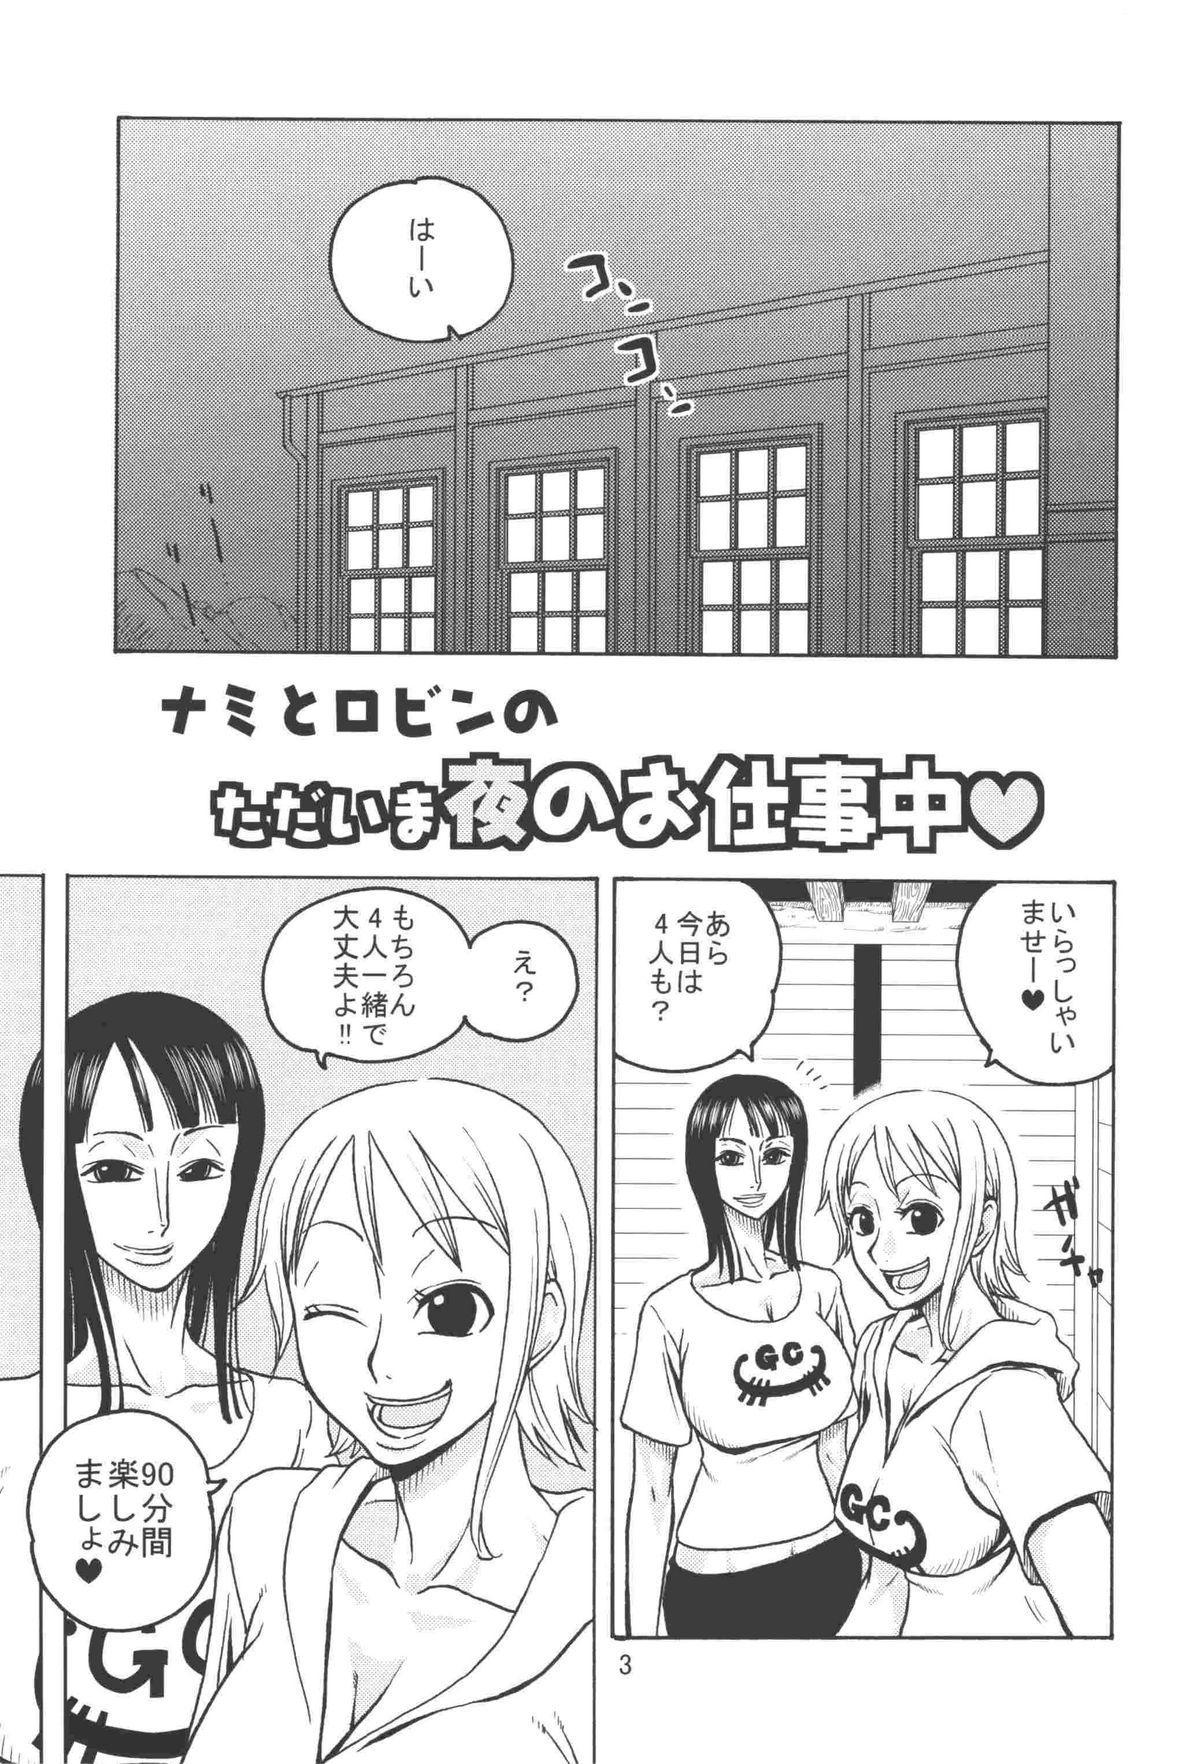 Nami no Koukai Nisshi EX NamiRobi 2 3